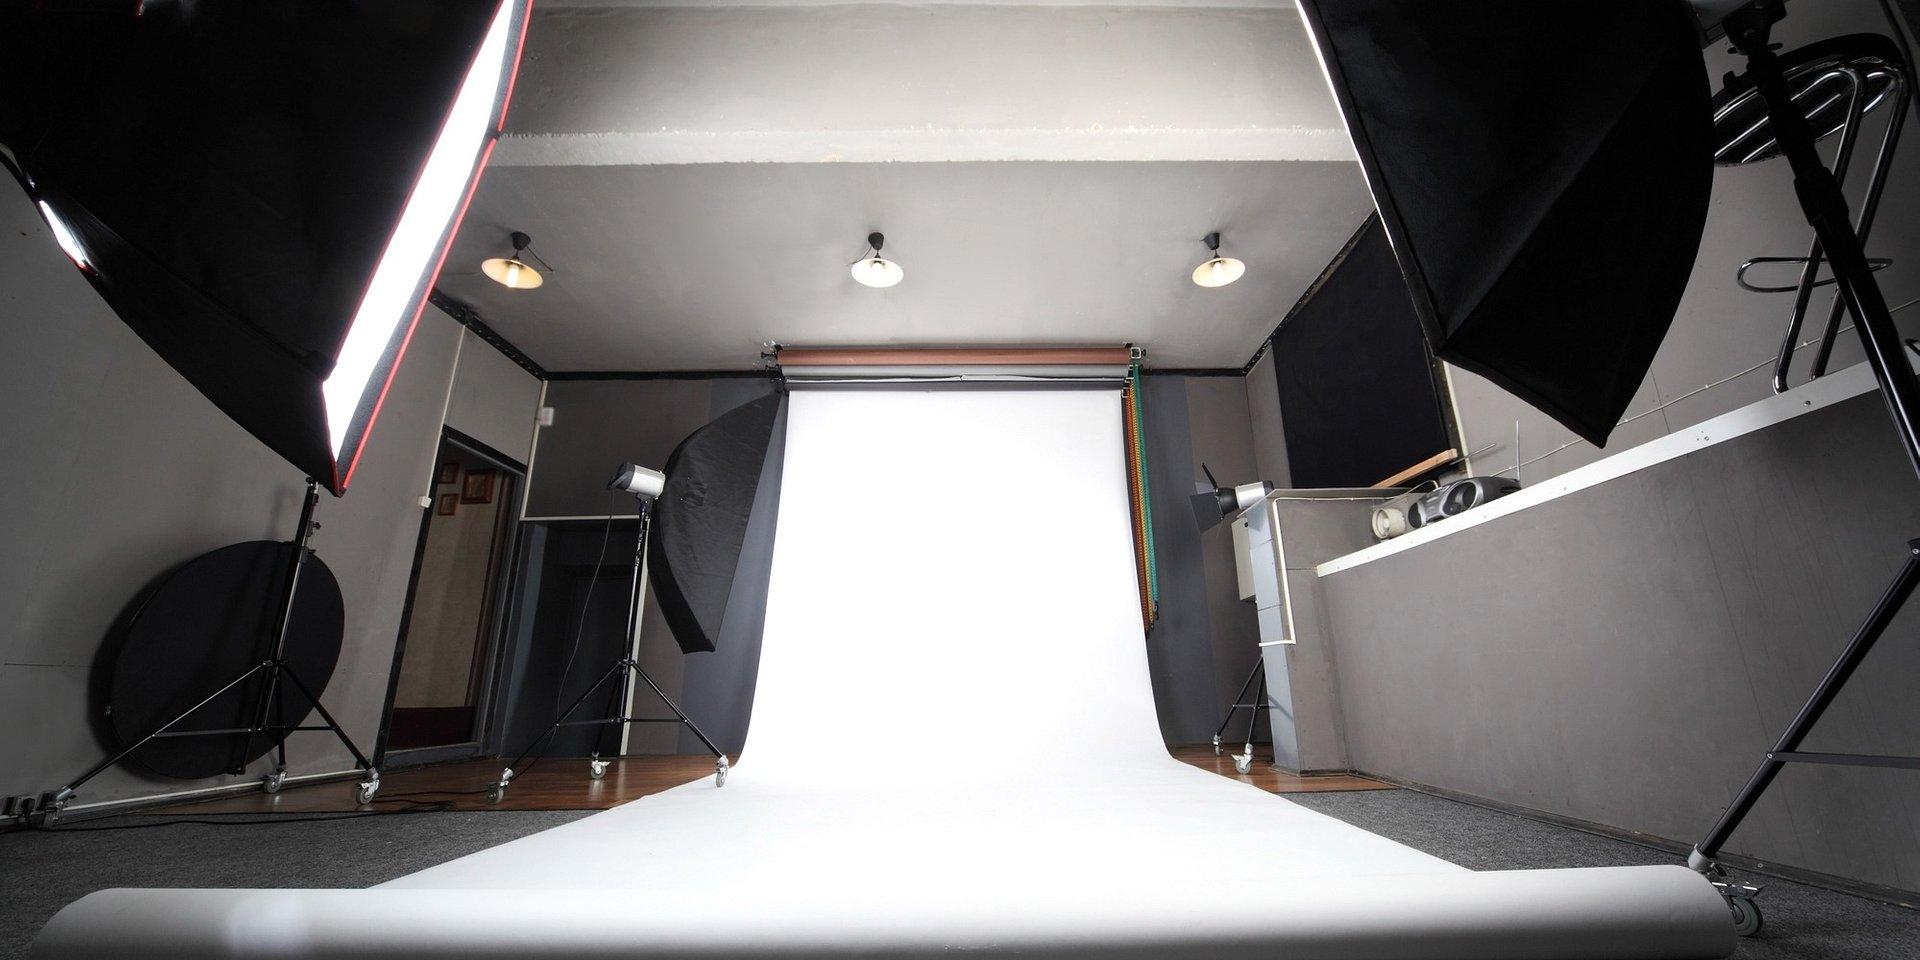 Jak zrobić sesję zdjęciową w domowych warunkach?